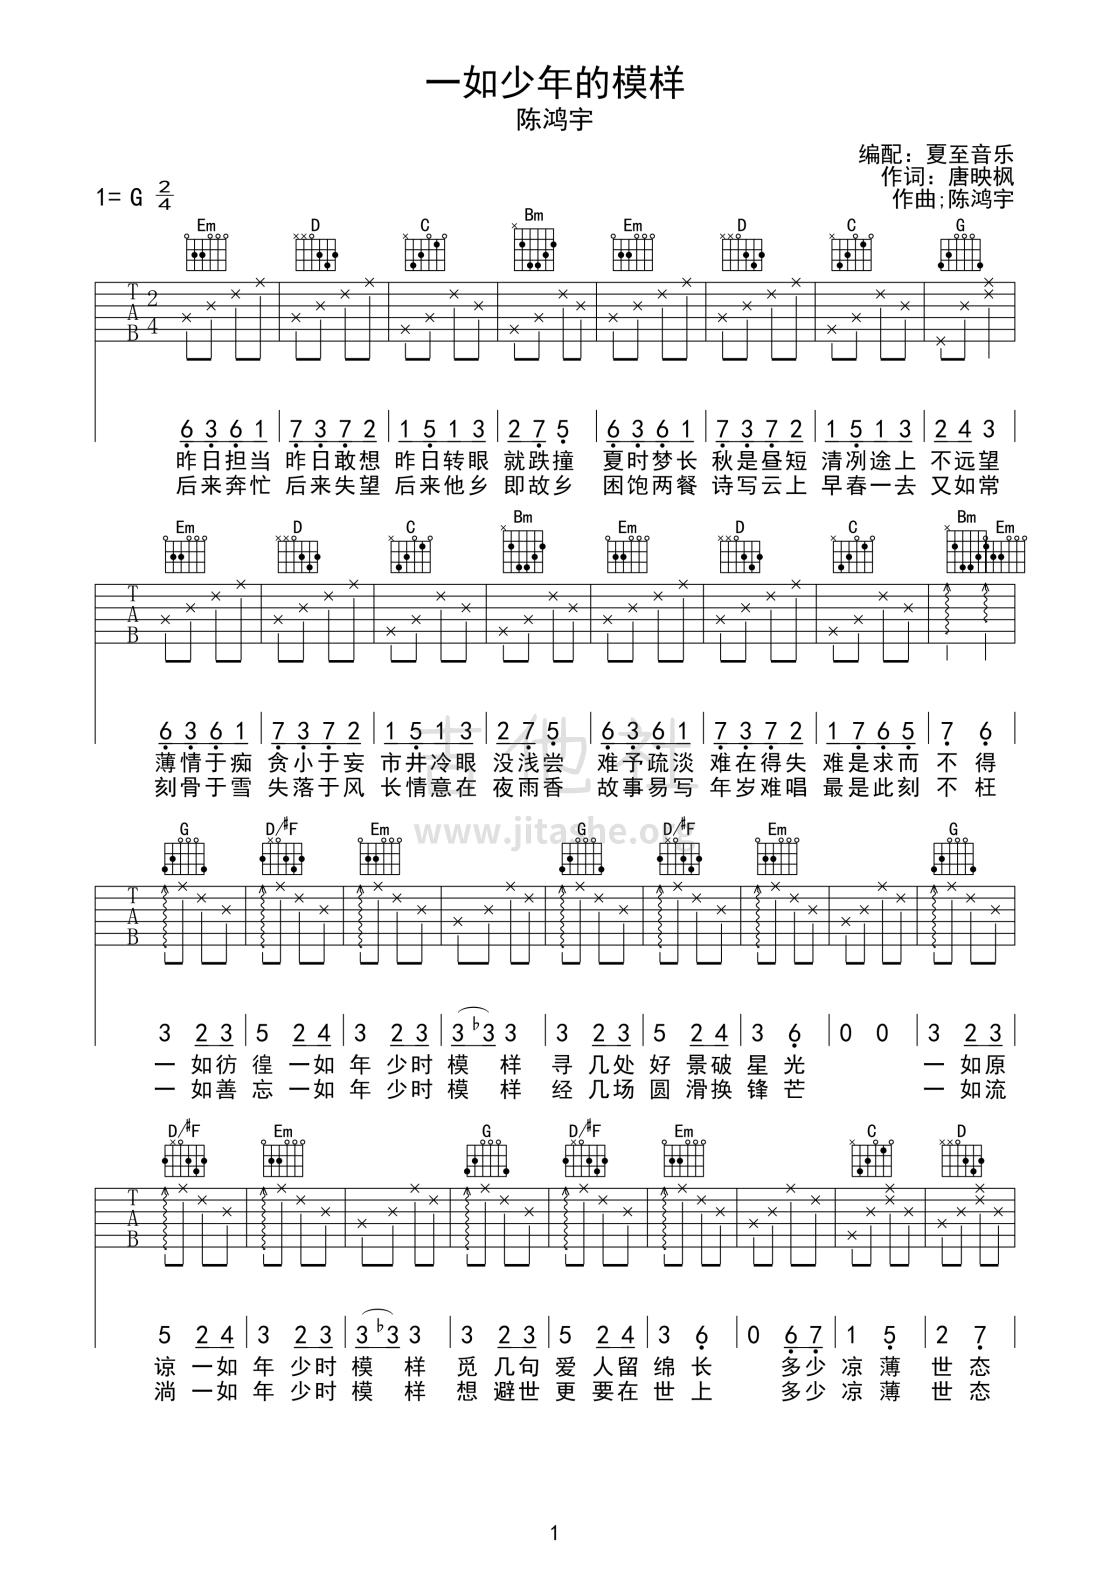 一如少年模样吉他谱(图片谱,弹唱,solo,简单版)_陈鸿宇_一如少年模样01.png